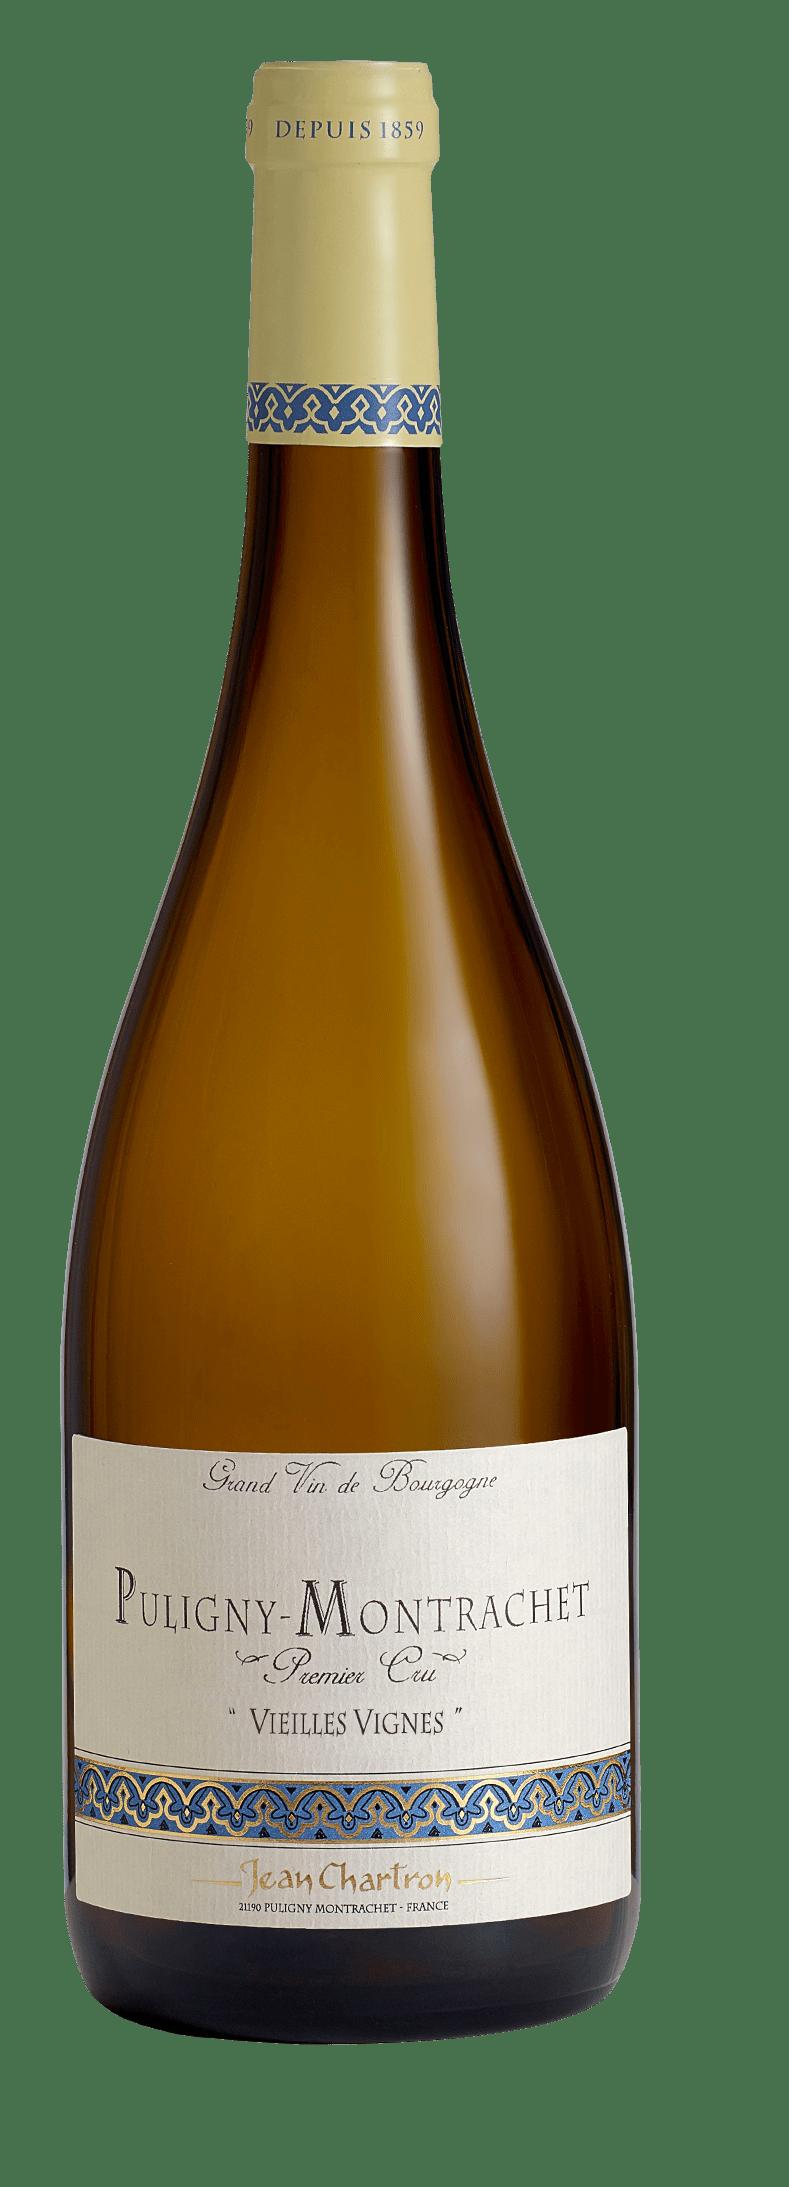 Puligny Montrachet Vieilles vignes